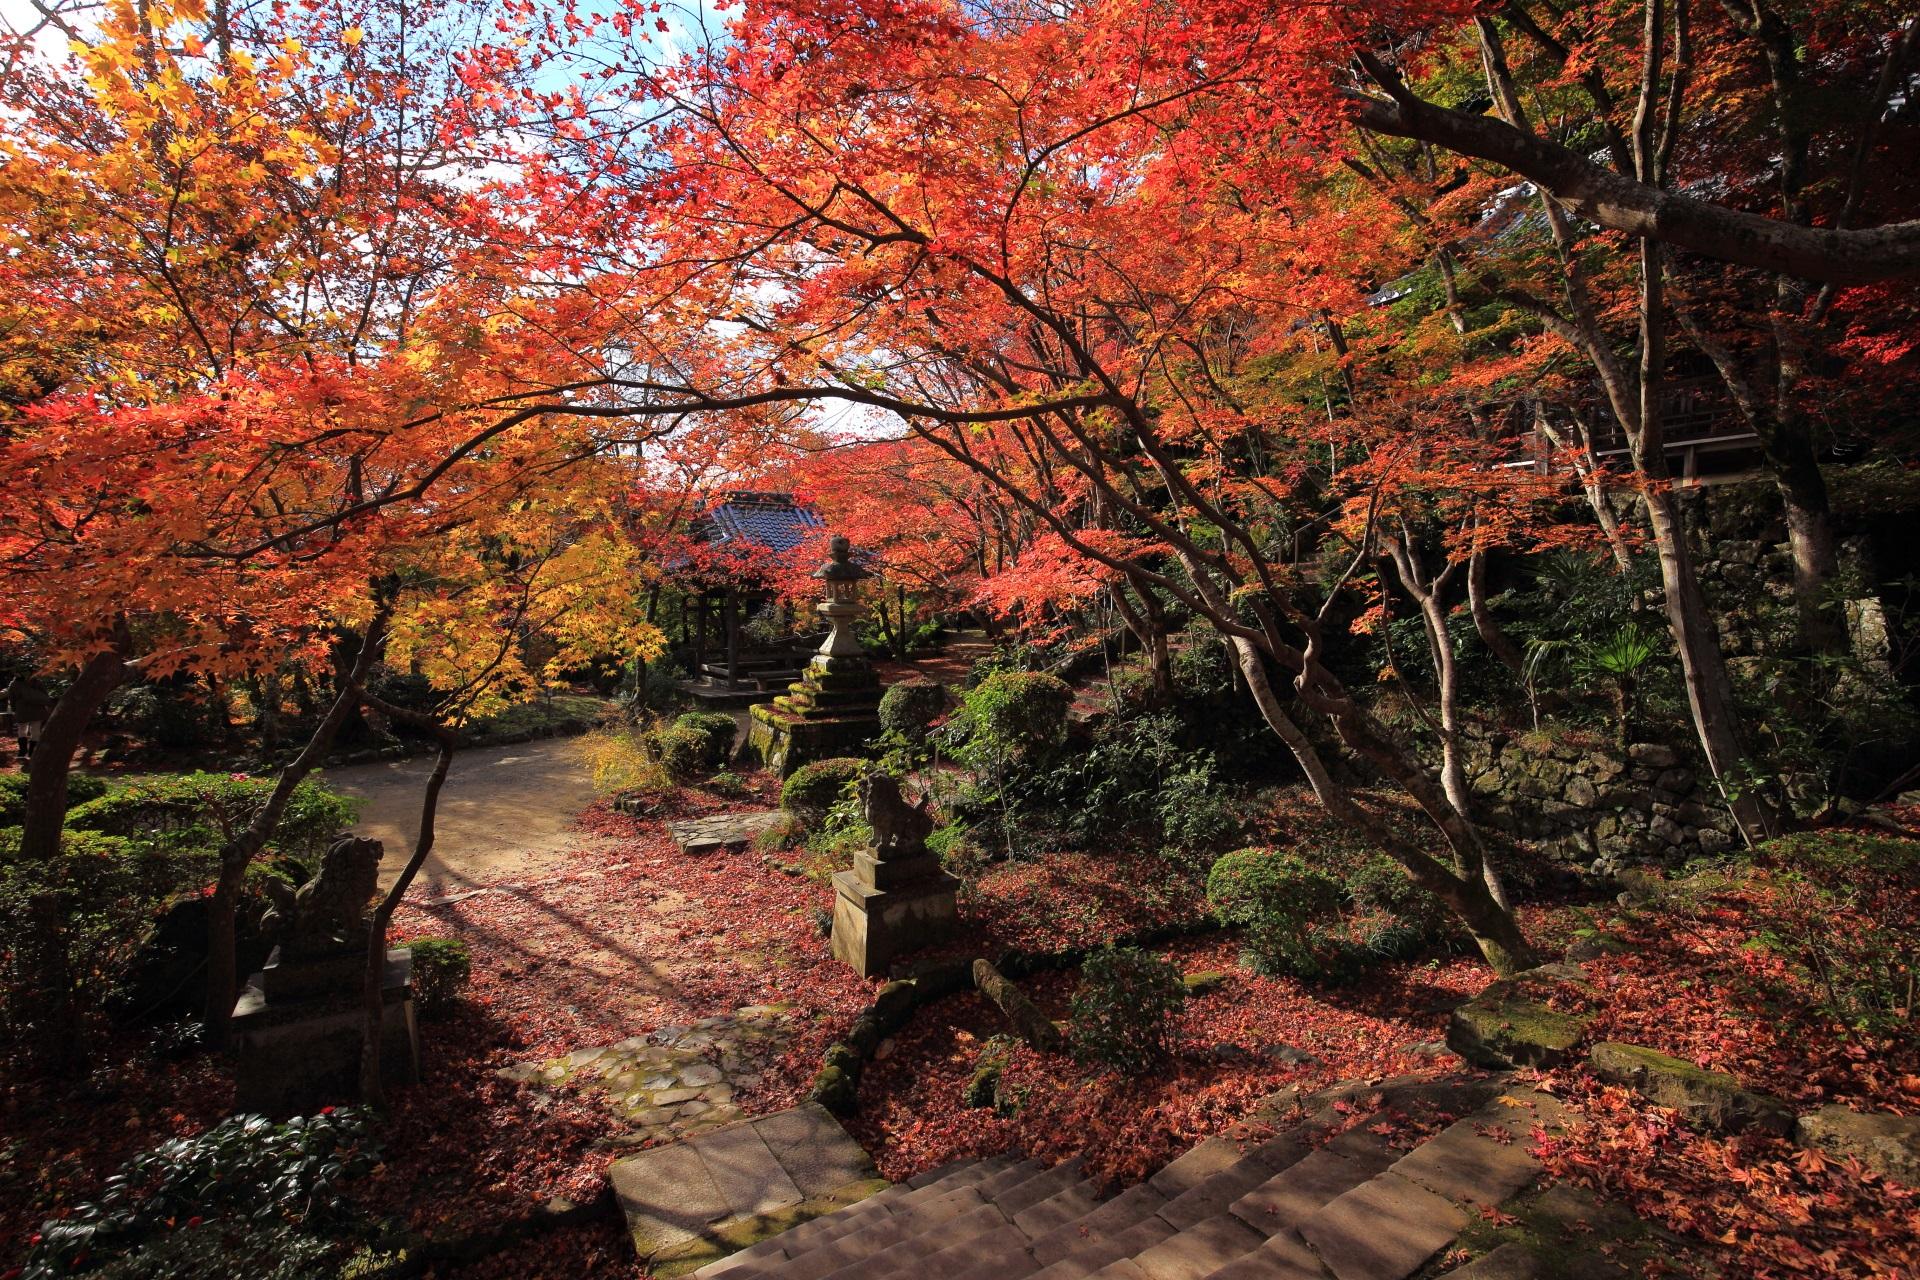 勝持寺の本堂前から見渡した秋の境内